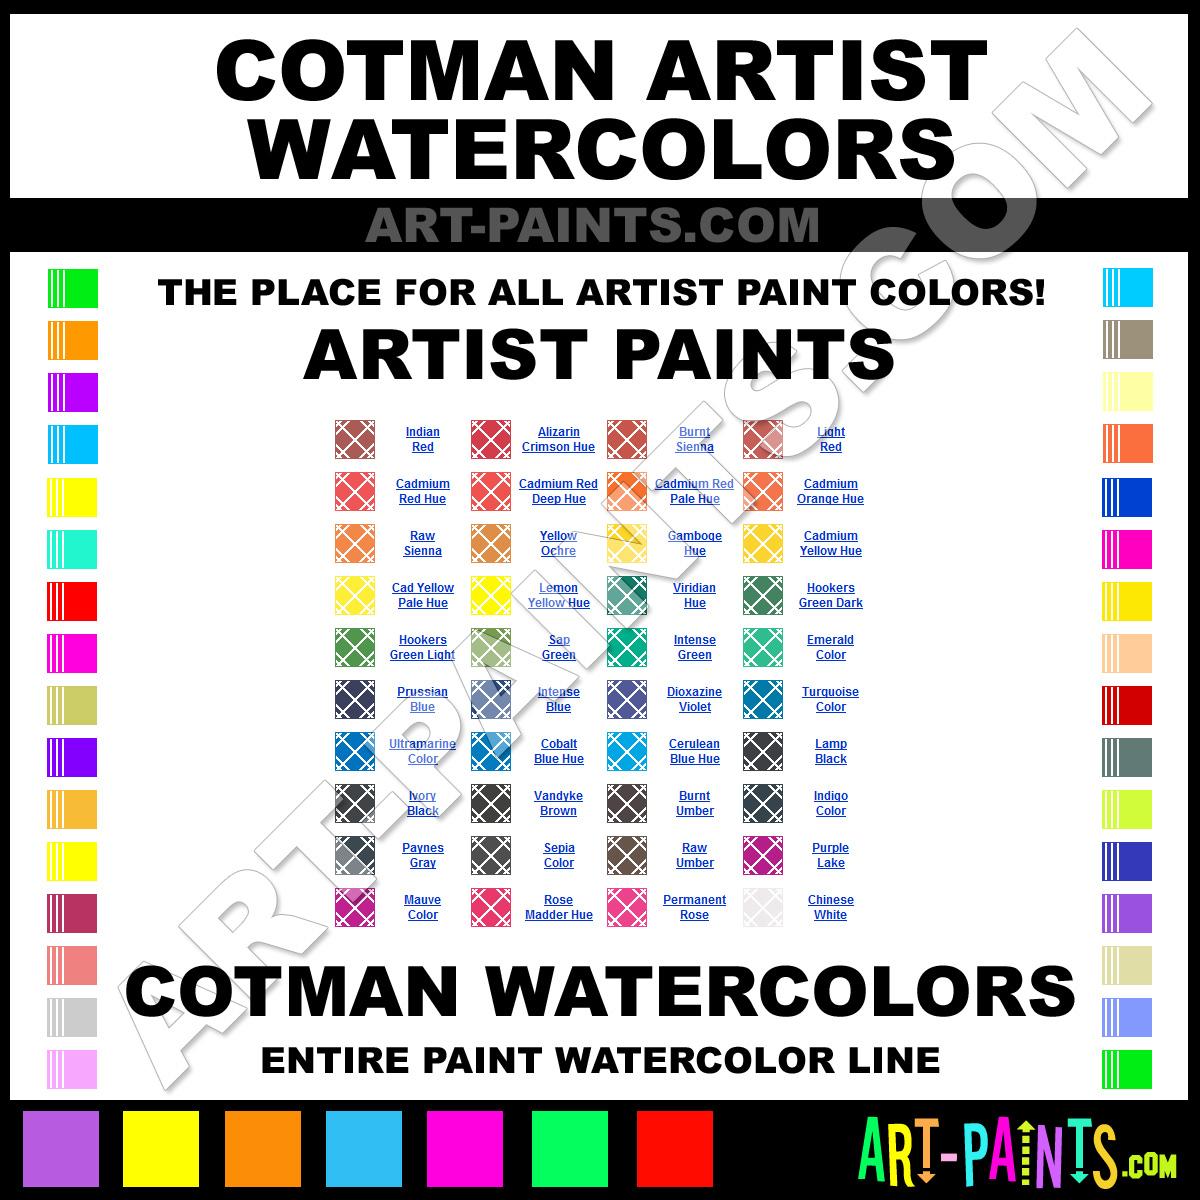 Permanent rose artist watercolor paints 502 permanent rose paint please geenschuldenfo Images